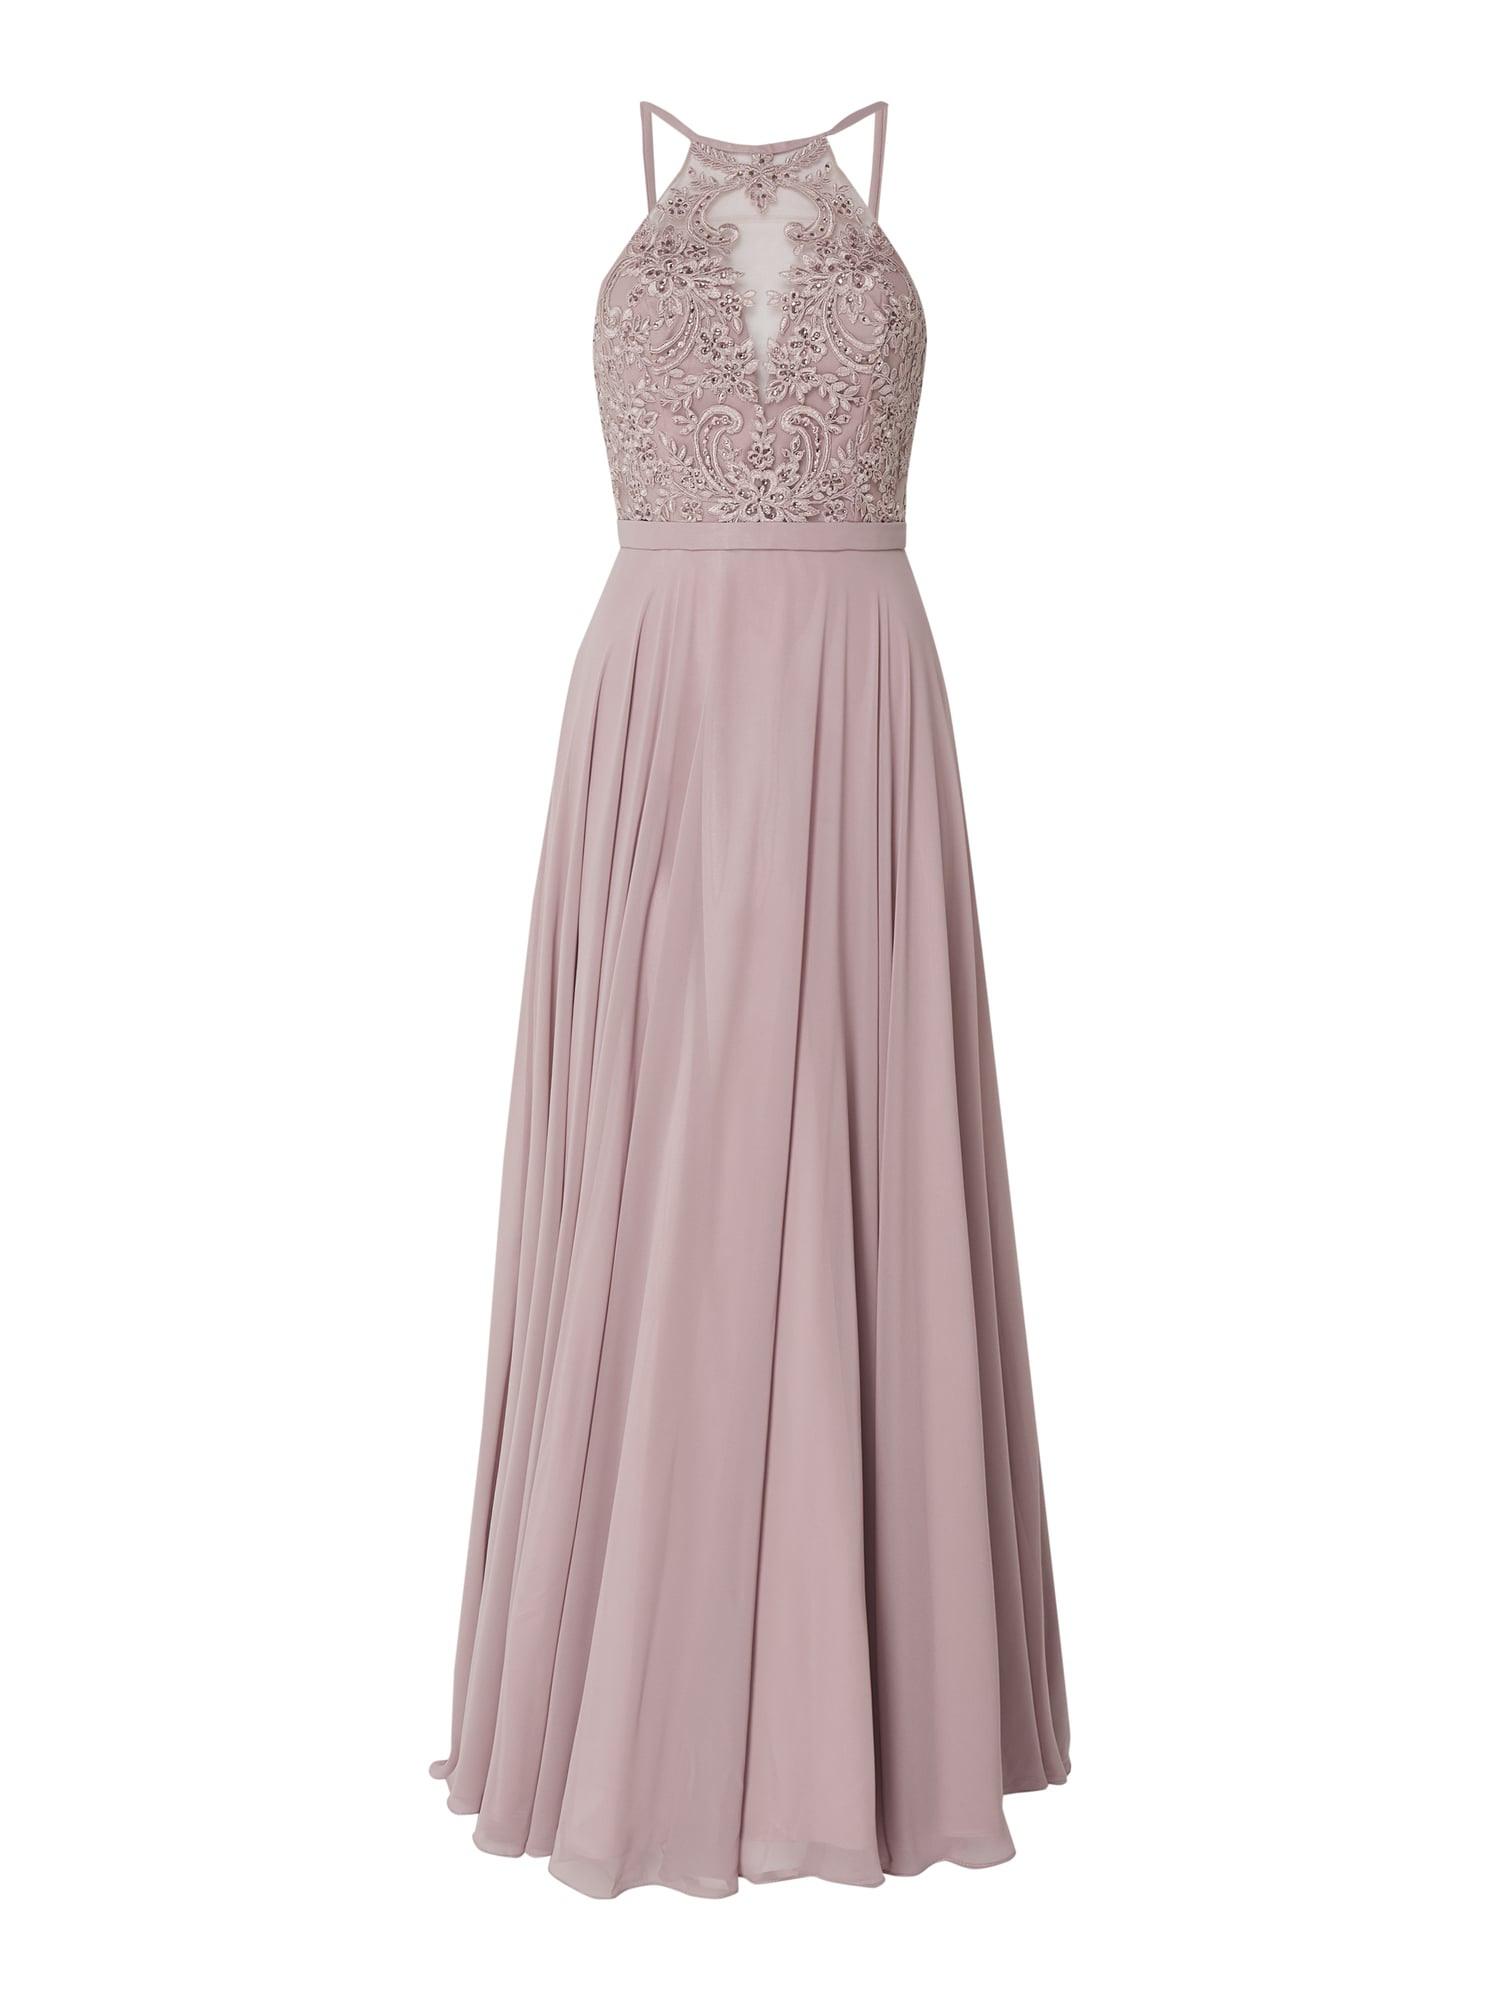 Designer Cool Luxuar Limited Abendkleid Bester Preis10 Top Luxuar Limited Abendkleid Stylish